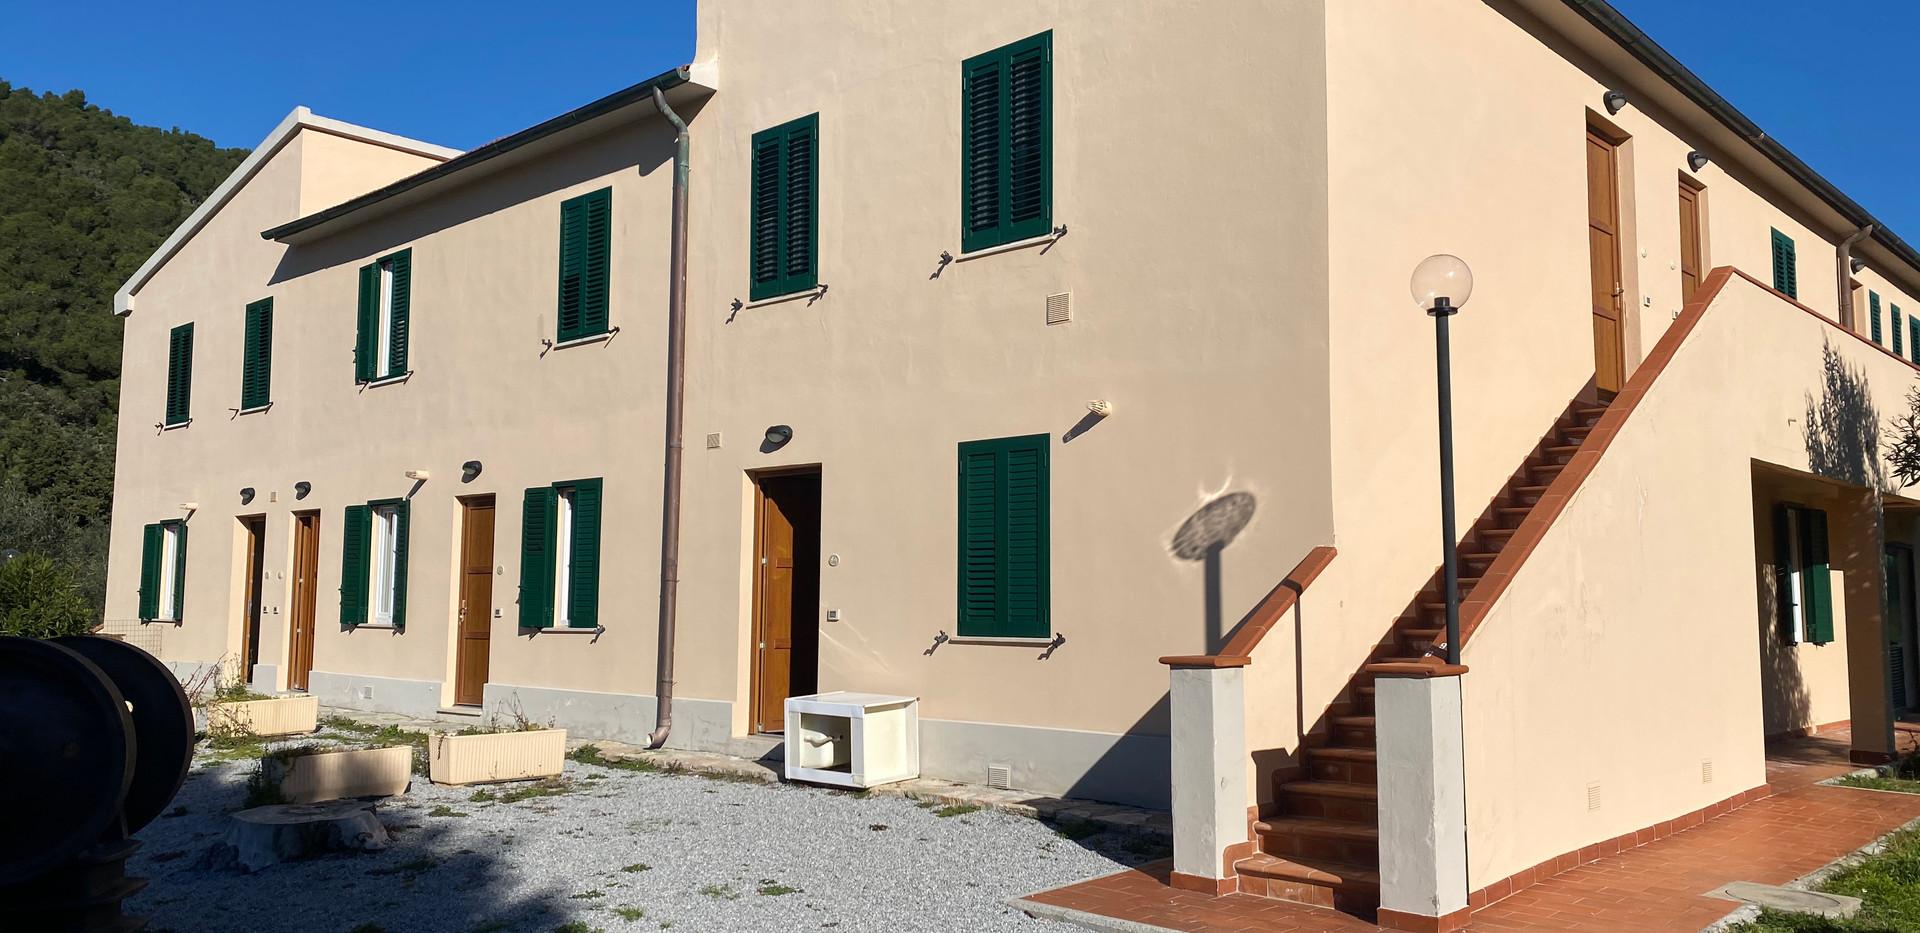 Borgo Chioma